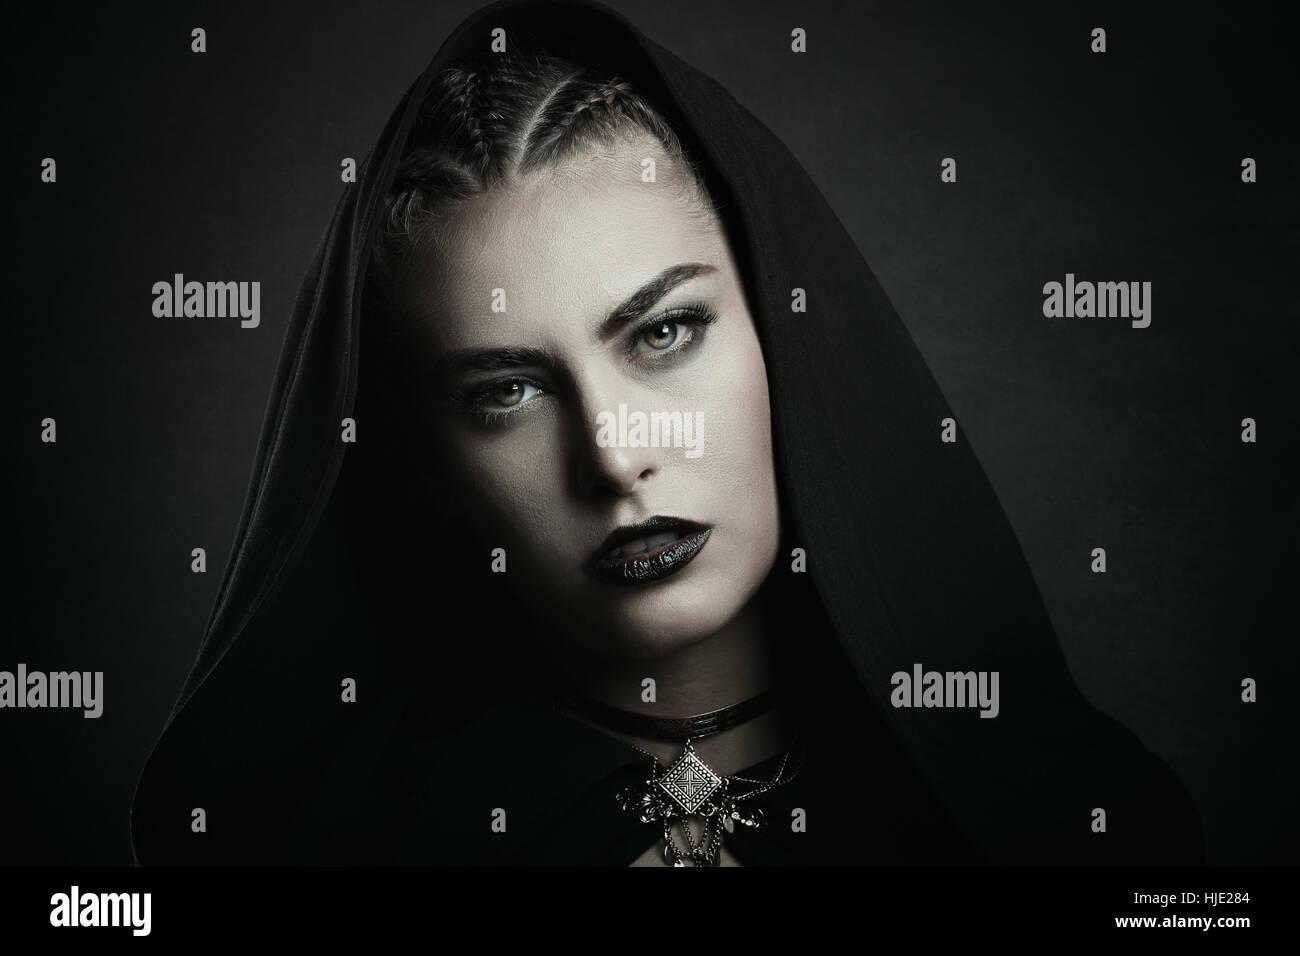 Vampir-Frau mit schönen grünen Augen. Halloween und horror Stockbild